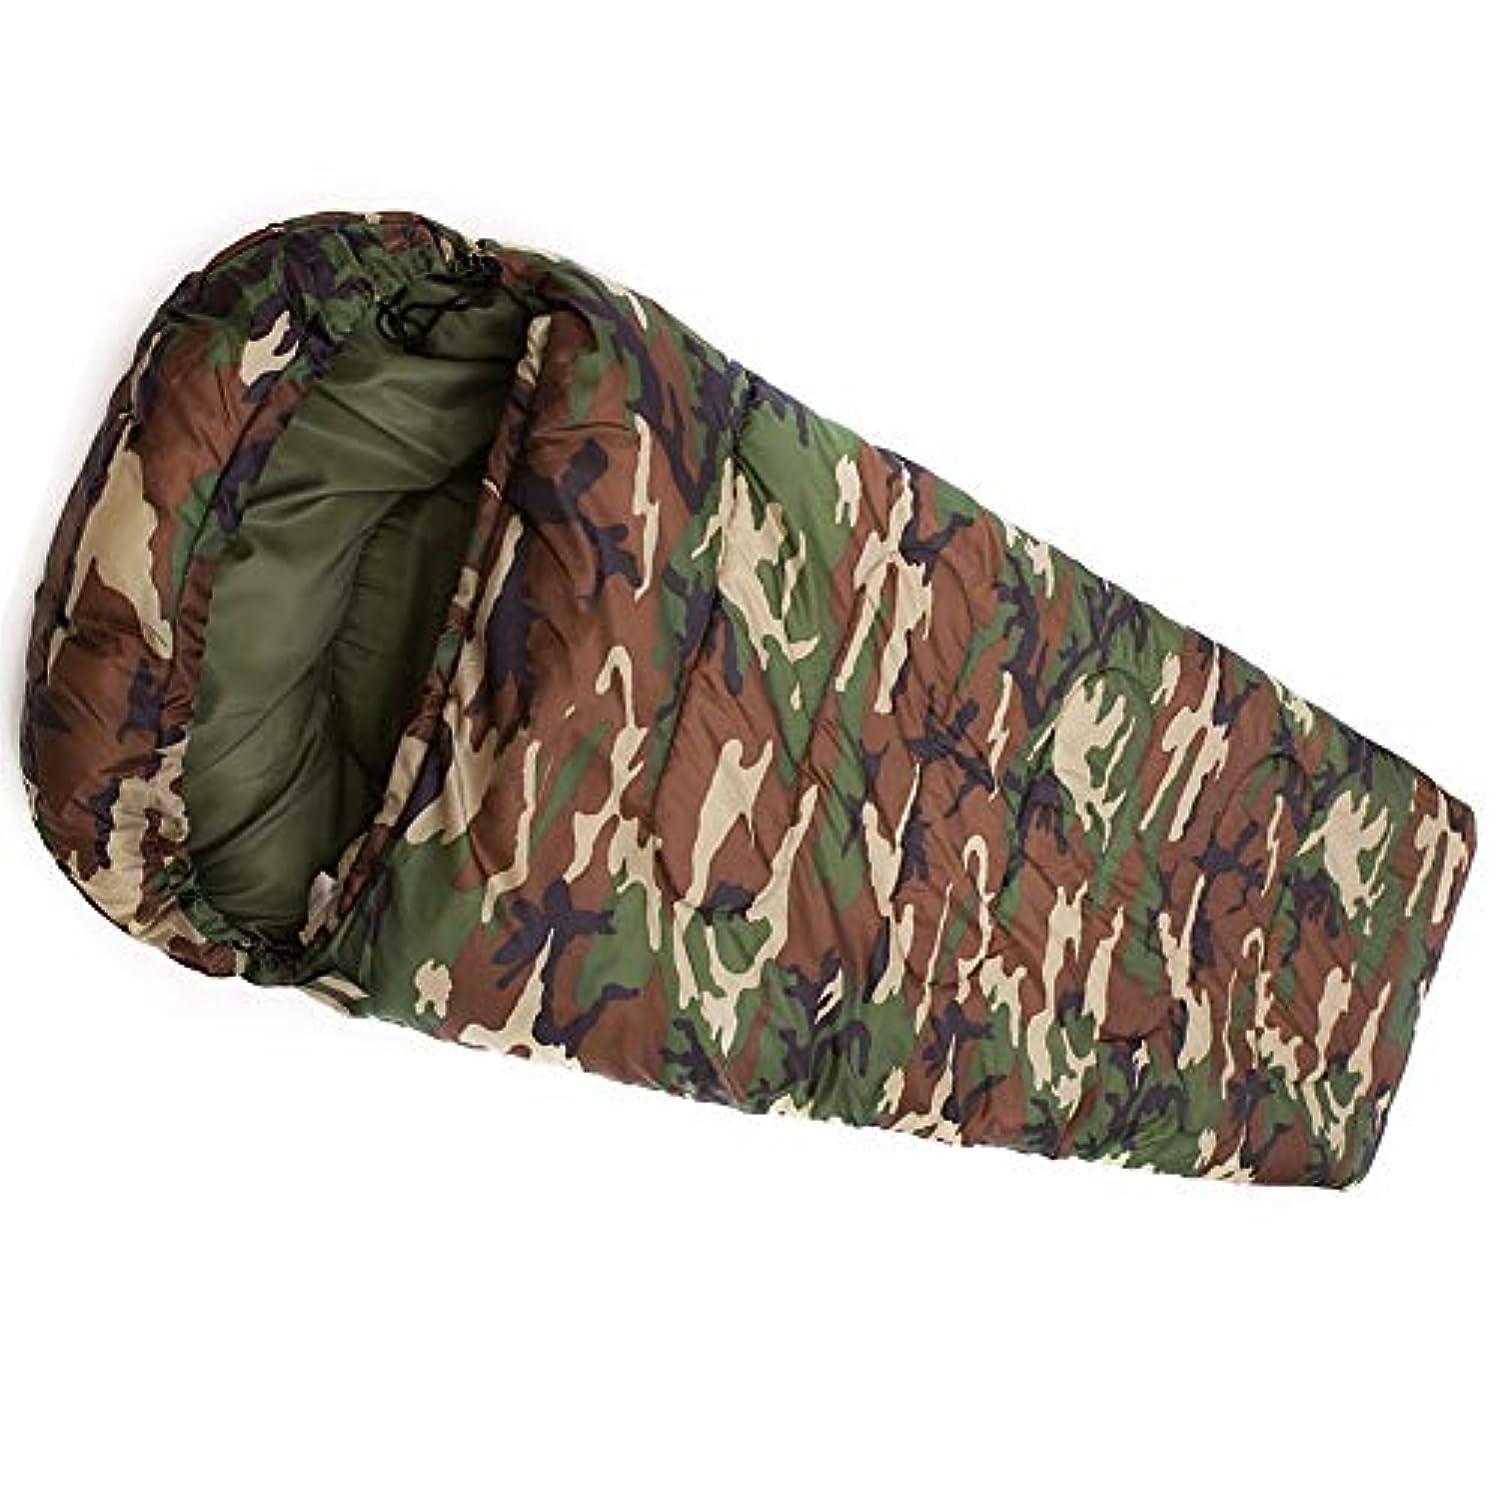 アブストラクトに変わる基本的なZXF 封筒/長方形屋外厚迷彩寝袋秋冬超軽量キャンプオフィスランチブレイク大人 暖かくて快適です